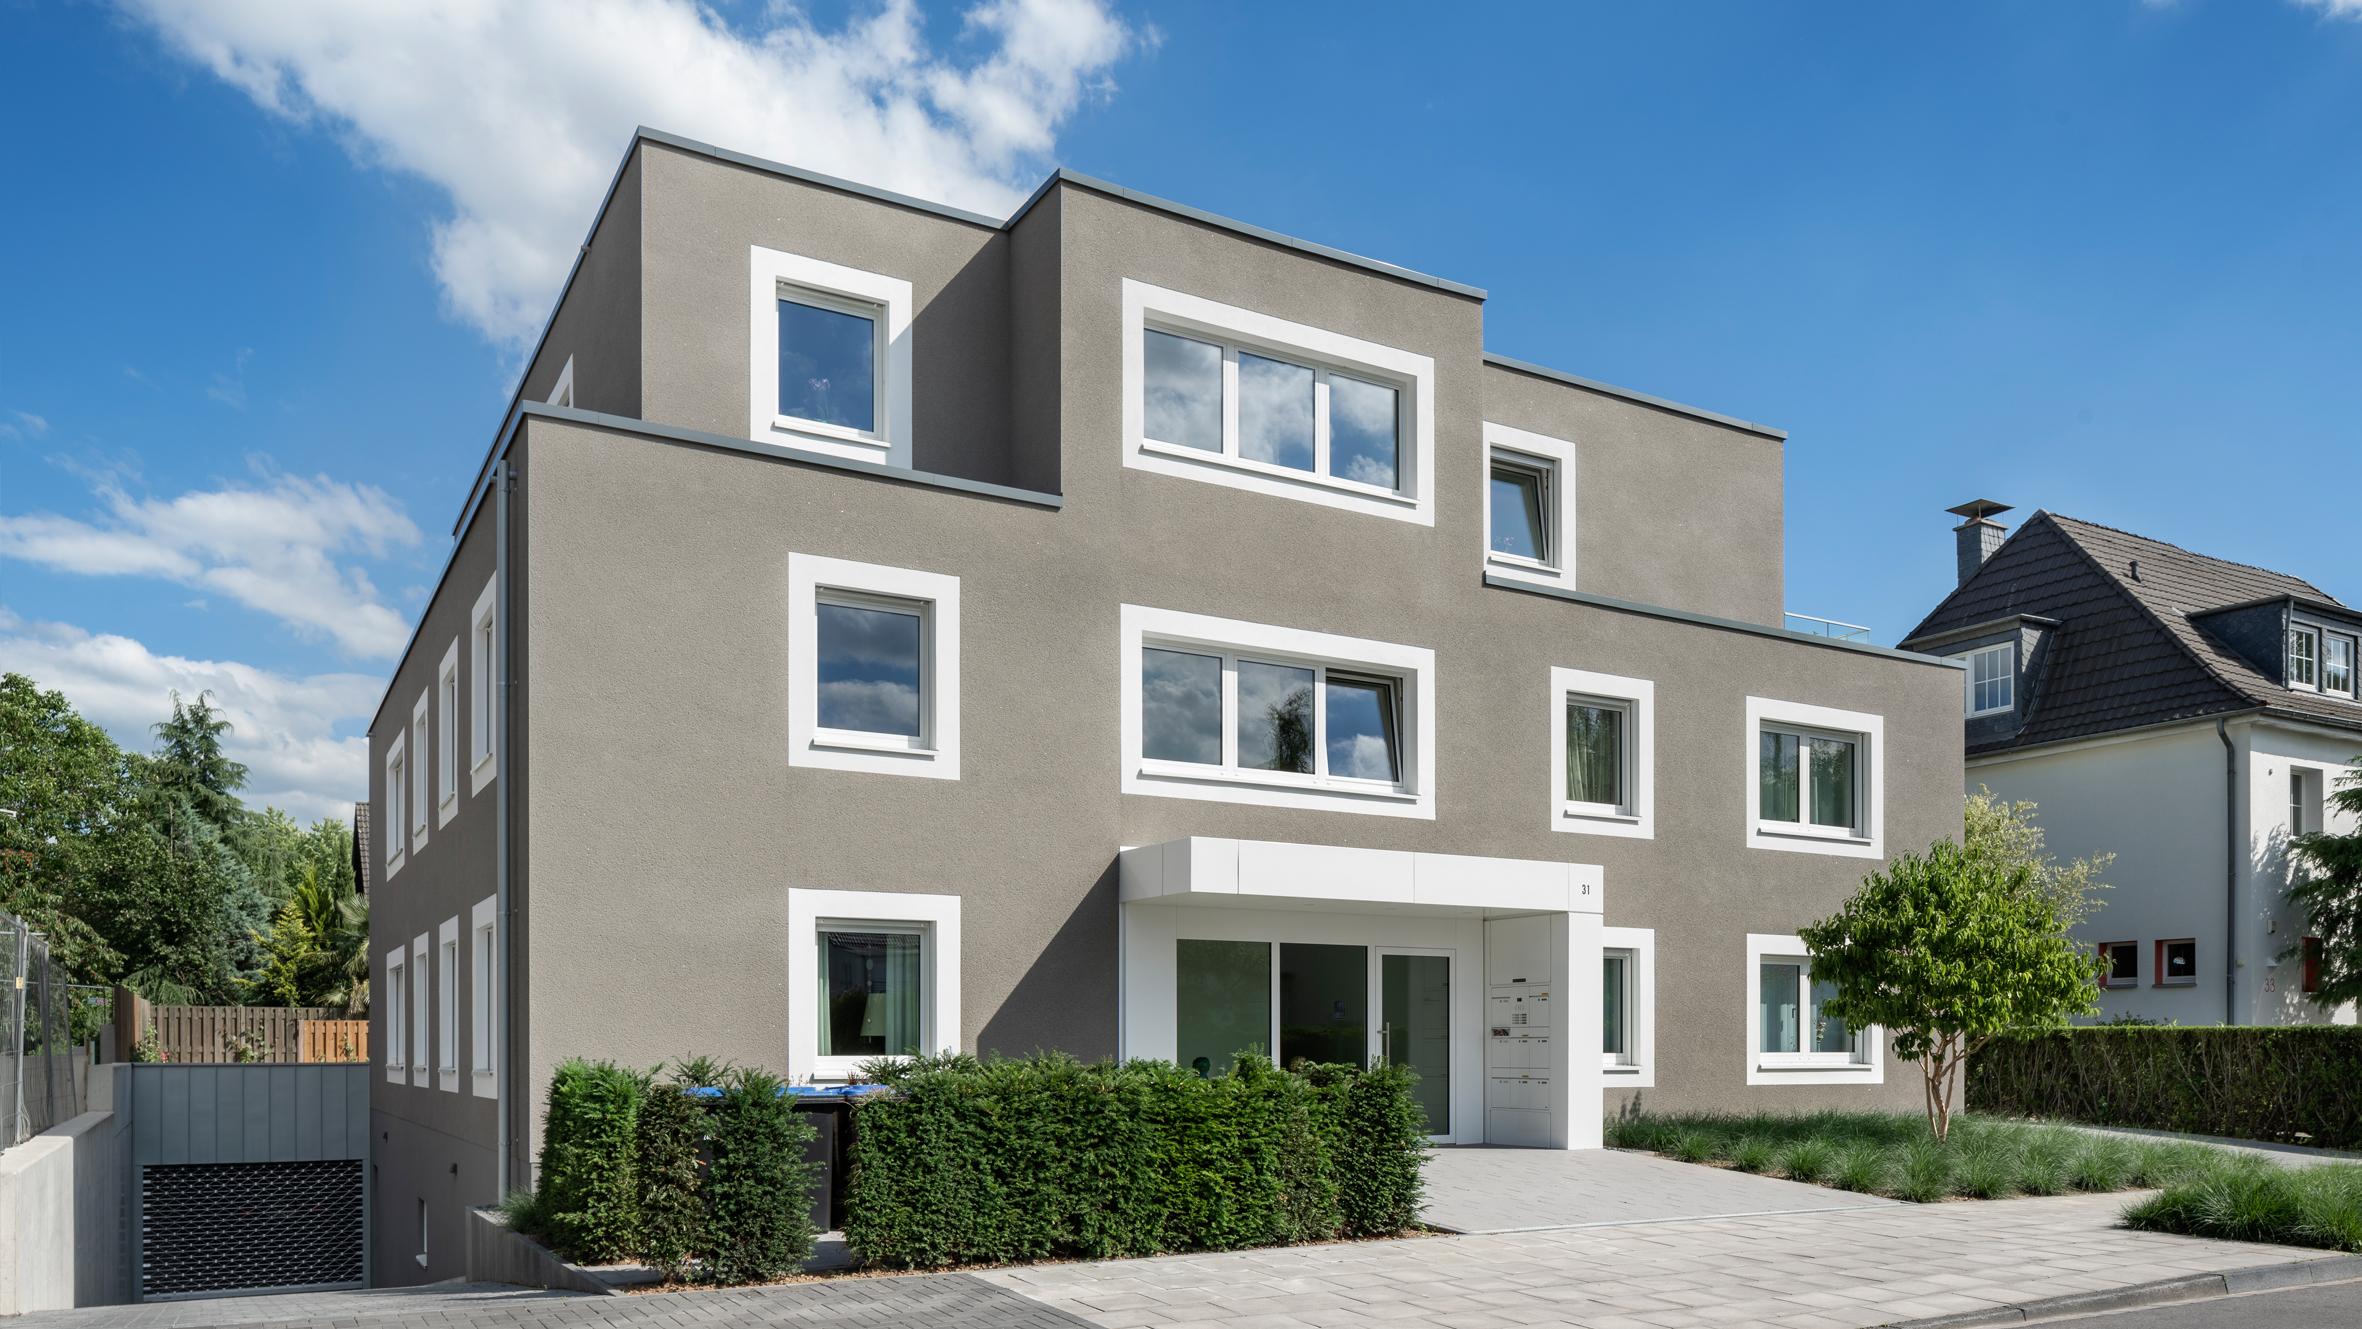 Architekt BonnMehrfamilienhaus Rhenusallee, Koenigs Rütter Architekten, Architekt Bonn